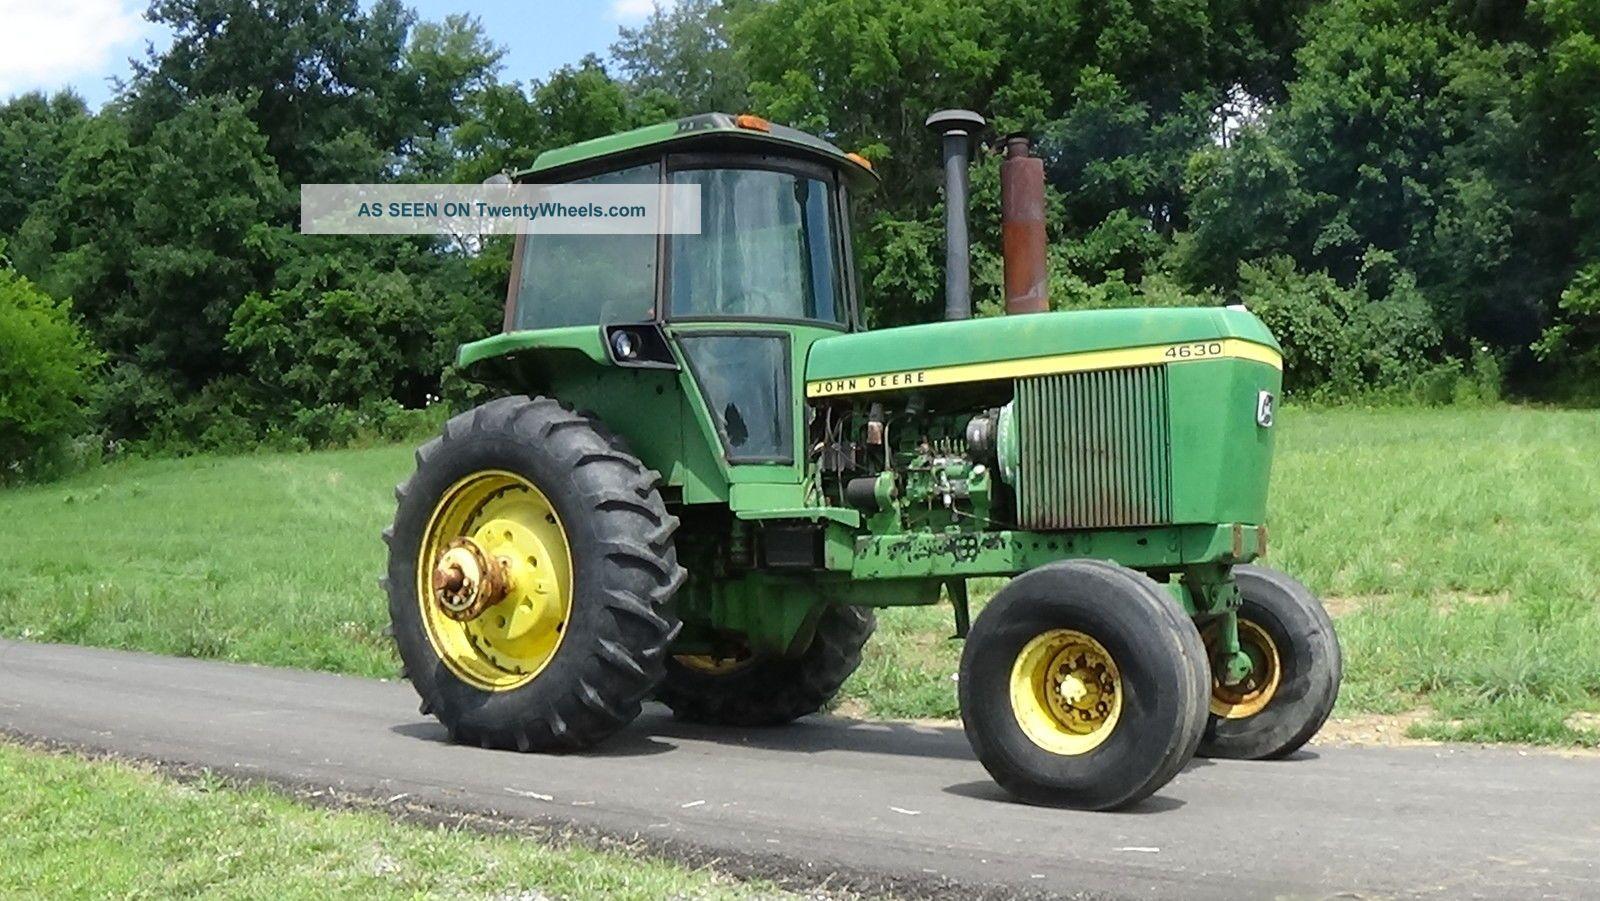 John Deere 4630 Cab Tractor. . 165 Hp Tractors photo 1